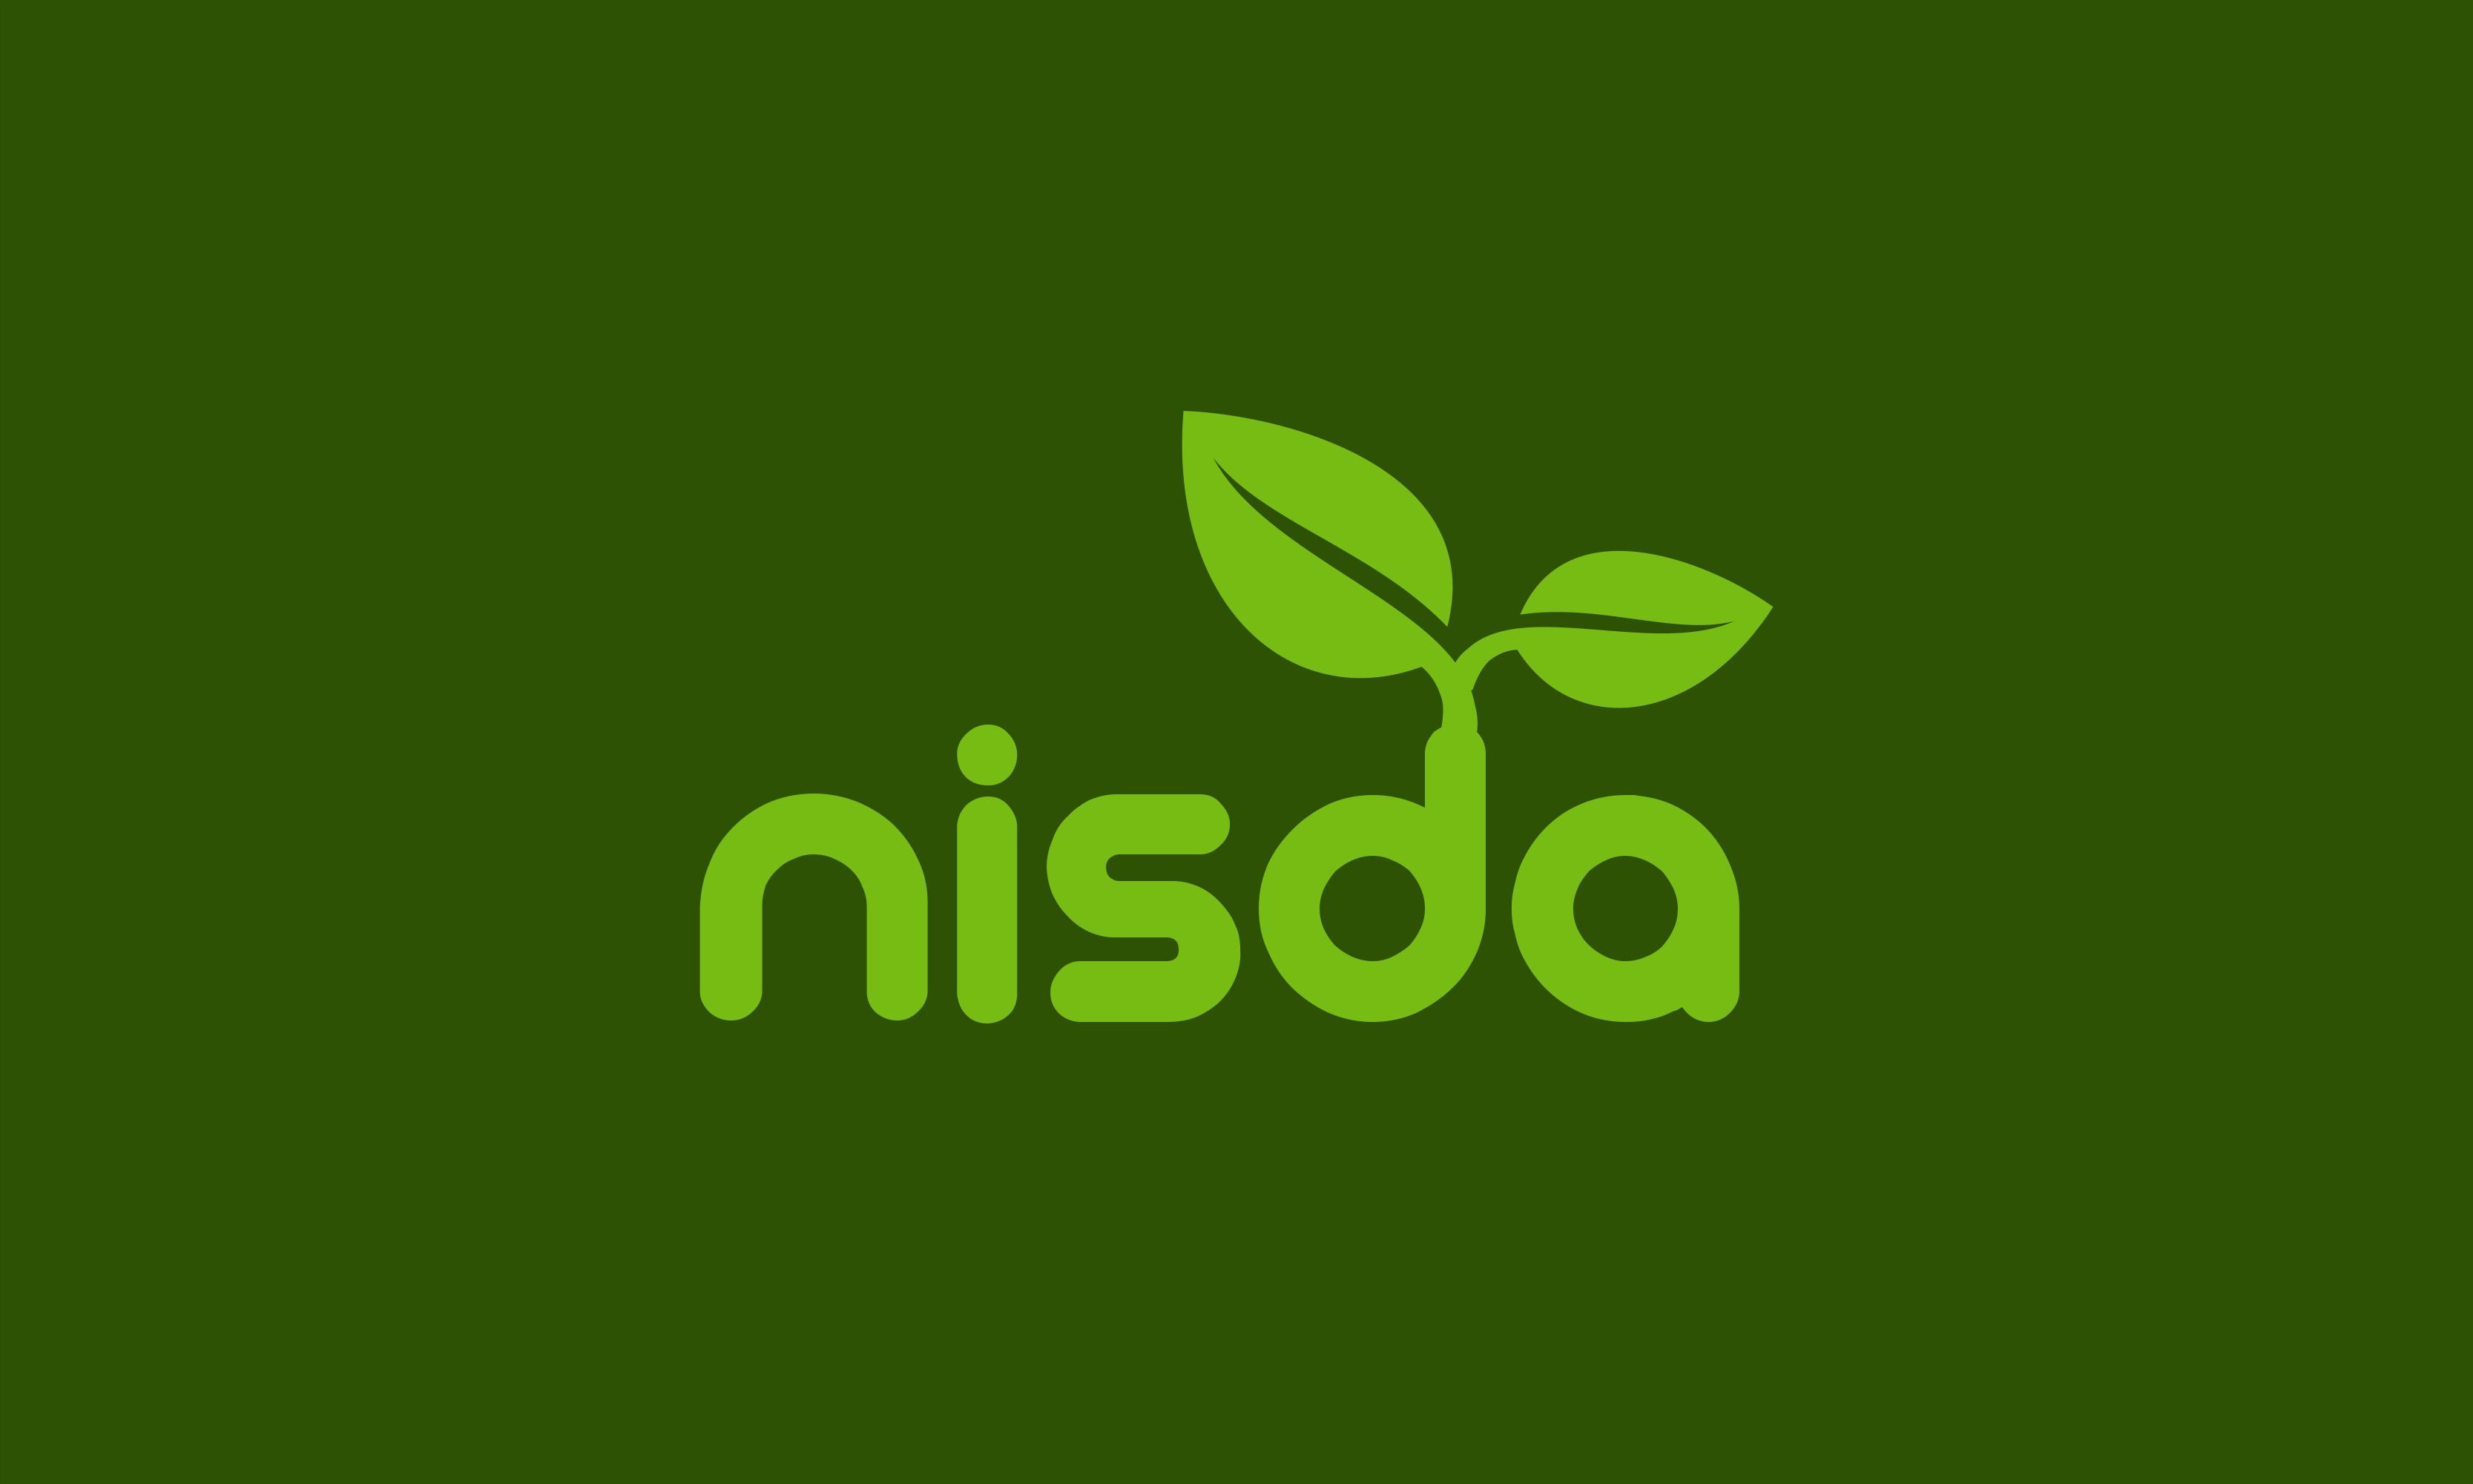 Nisda